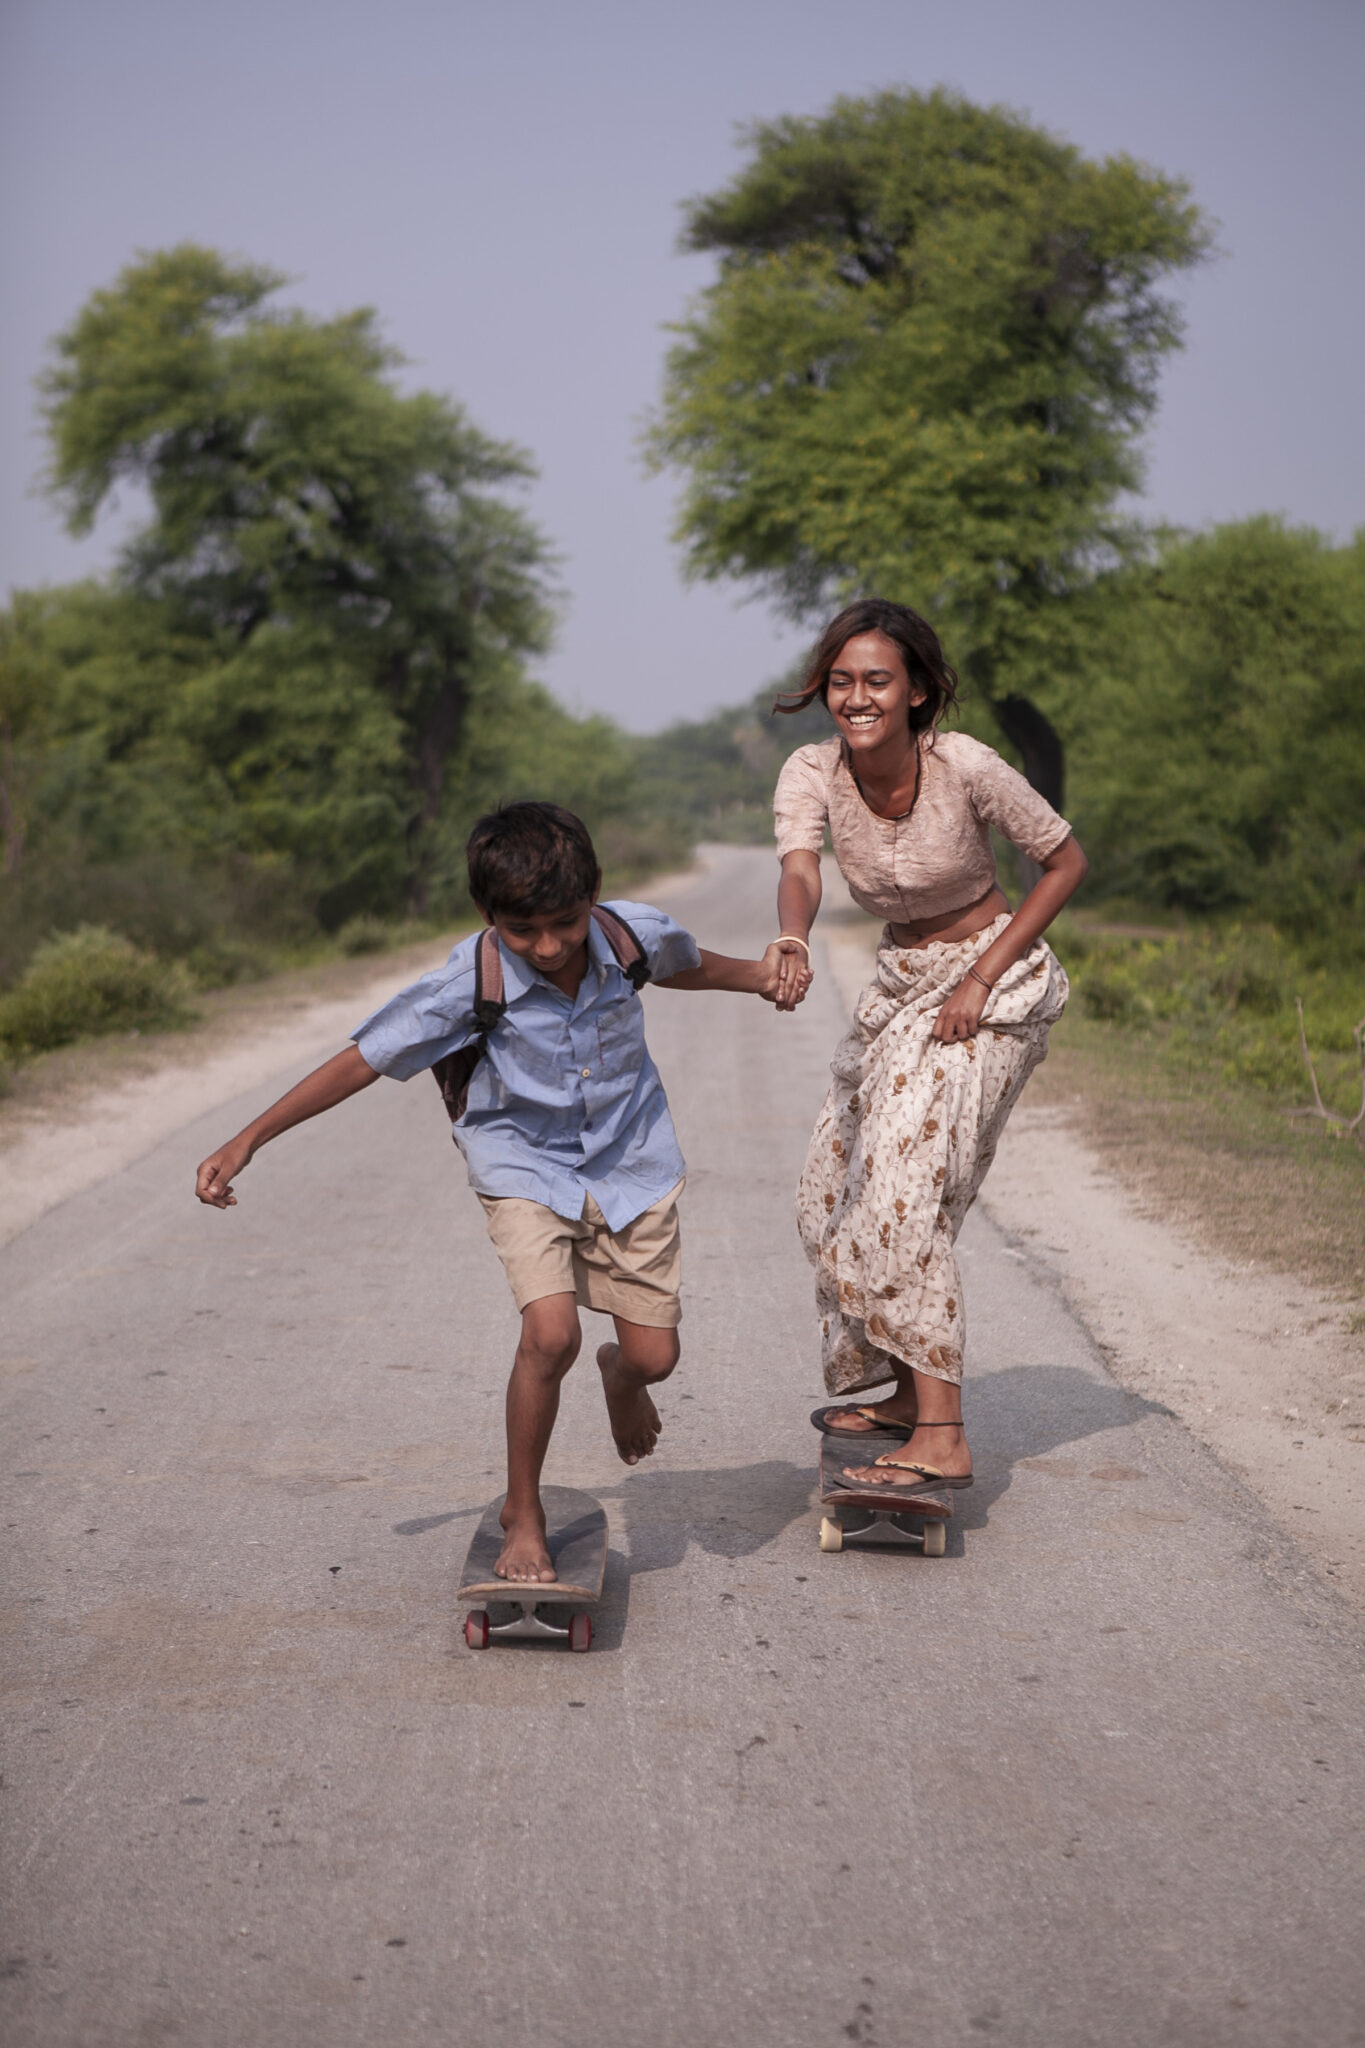 Ankush und Prerna fahren mit ihren Skateboard zusammen auf einer Landstraße. Sie trägt ein helles Shit und einen langen Rock, er hat ein blaues Hemd und eine kurze, braune Hose an.